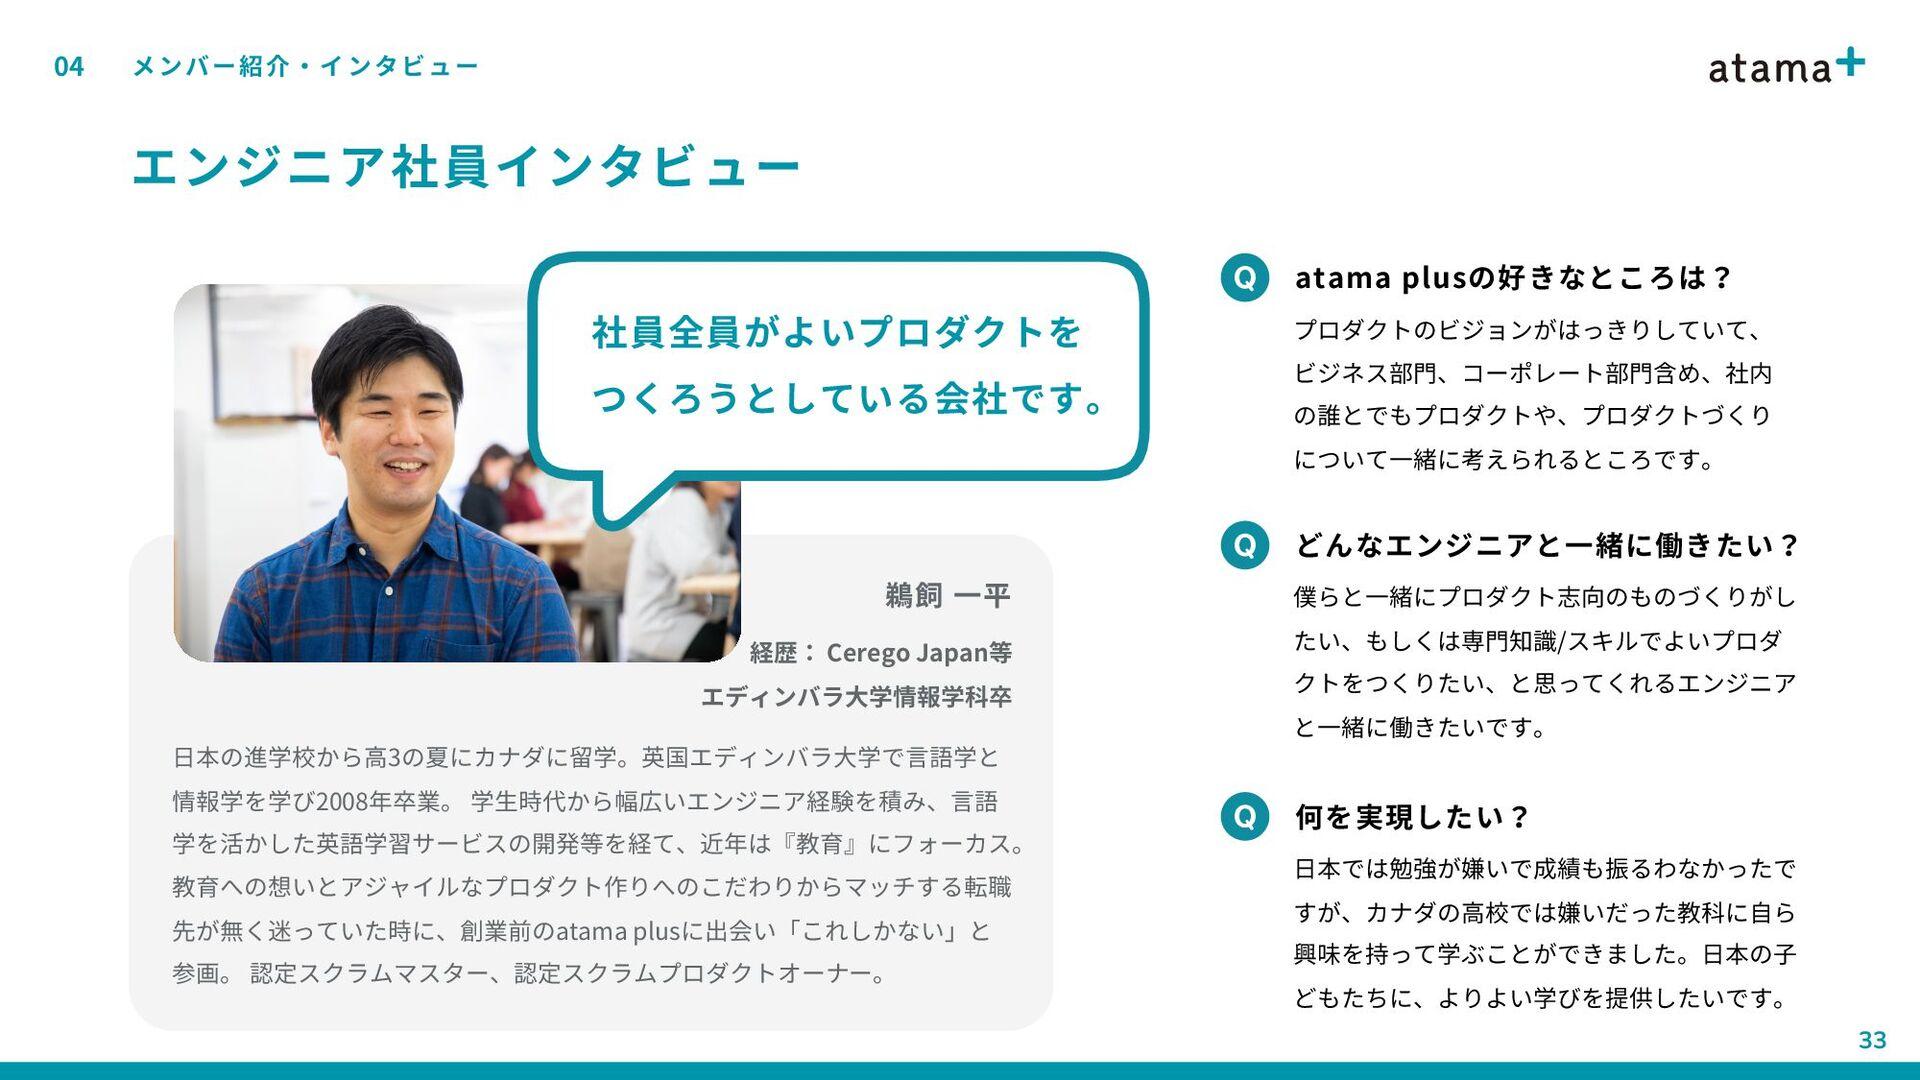 尾関 望 04 33 エンジニア社員インタビュー 愛知県出身。大学院では数学を専攻。新卒でSI...